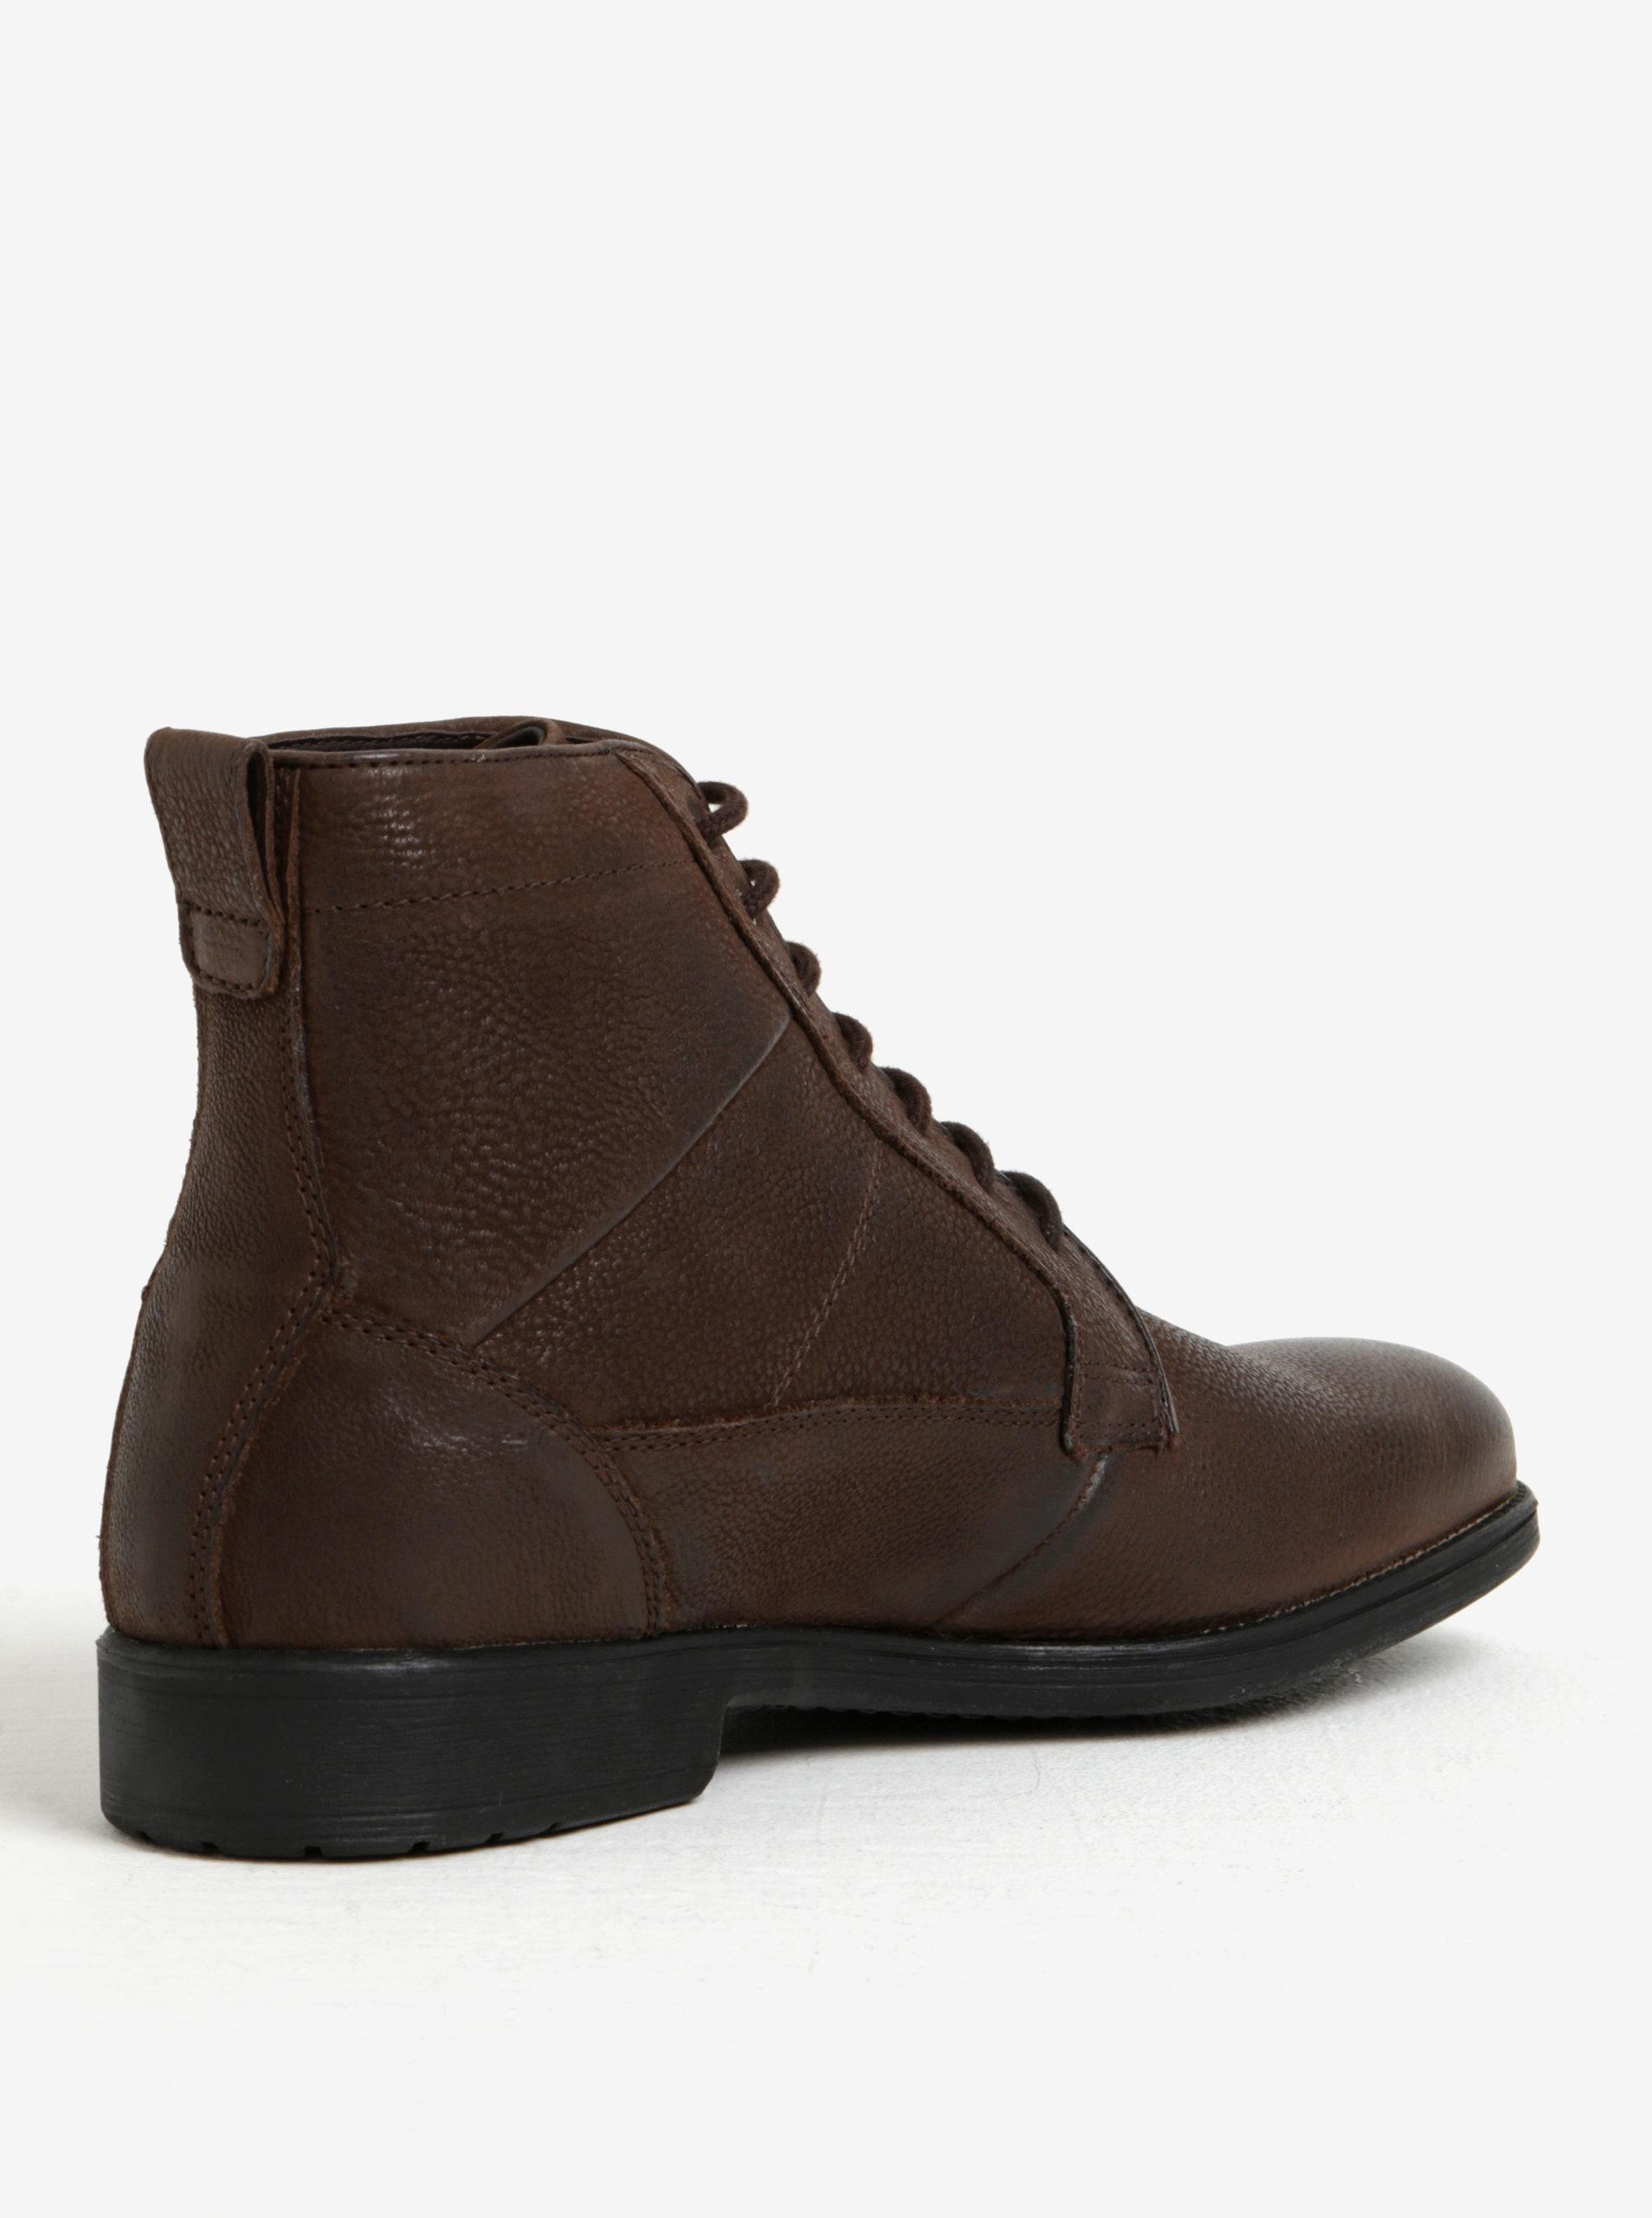 3390c4c9f75 Hnědé pánské zimní kožené kotníkové boty Geox Jaylon D ...